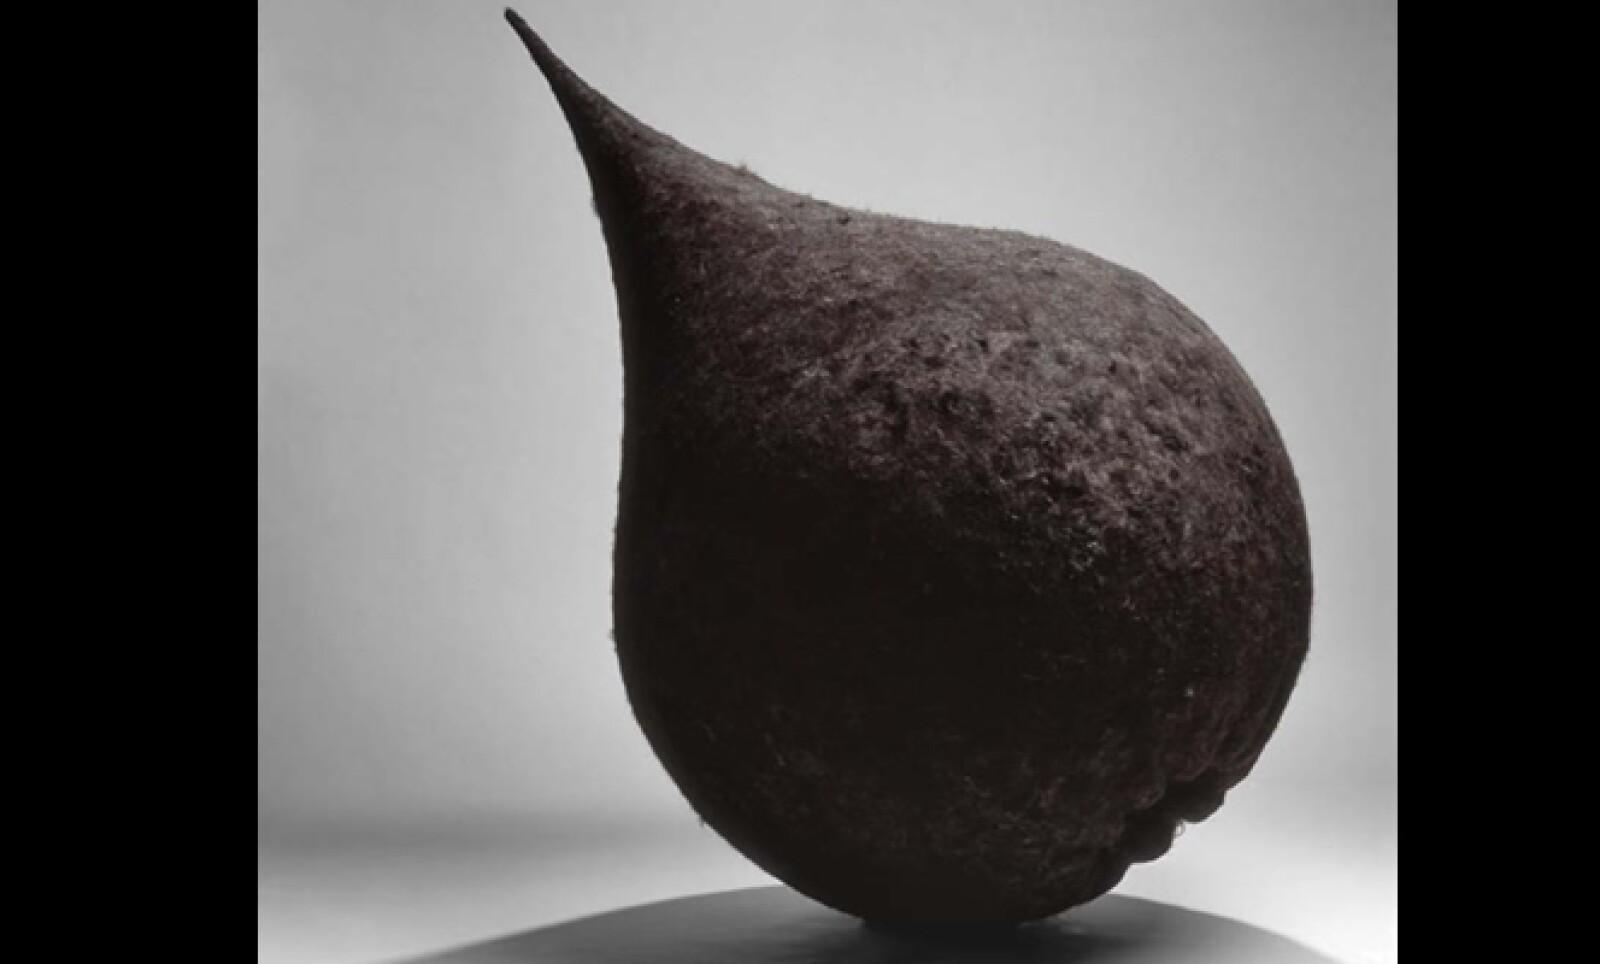 Esta pieza corresponde al artista mexicano Gerardo Azcúnaga. Hecha con cabello humano y acero sobre poli-estireno expandido, la obra recibió el Premio de Adquisición de la V Bienal Monterrey FEMSA.